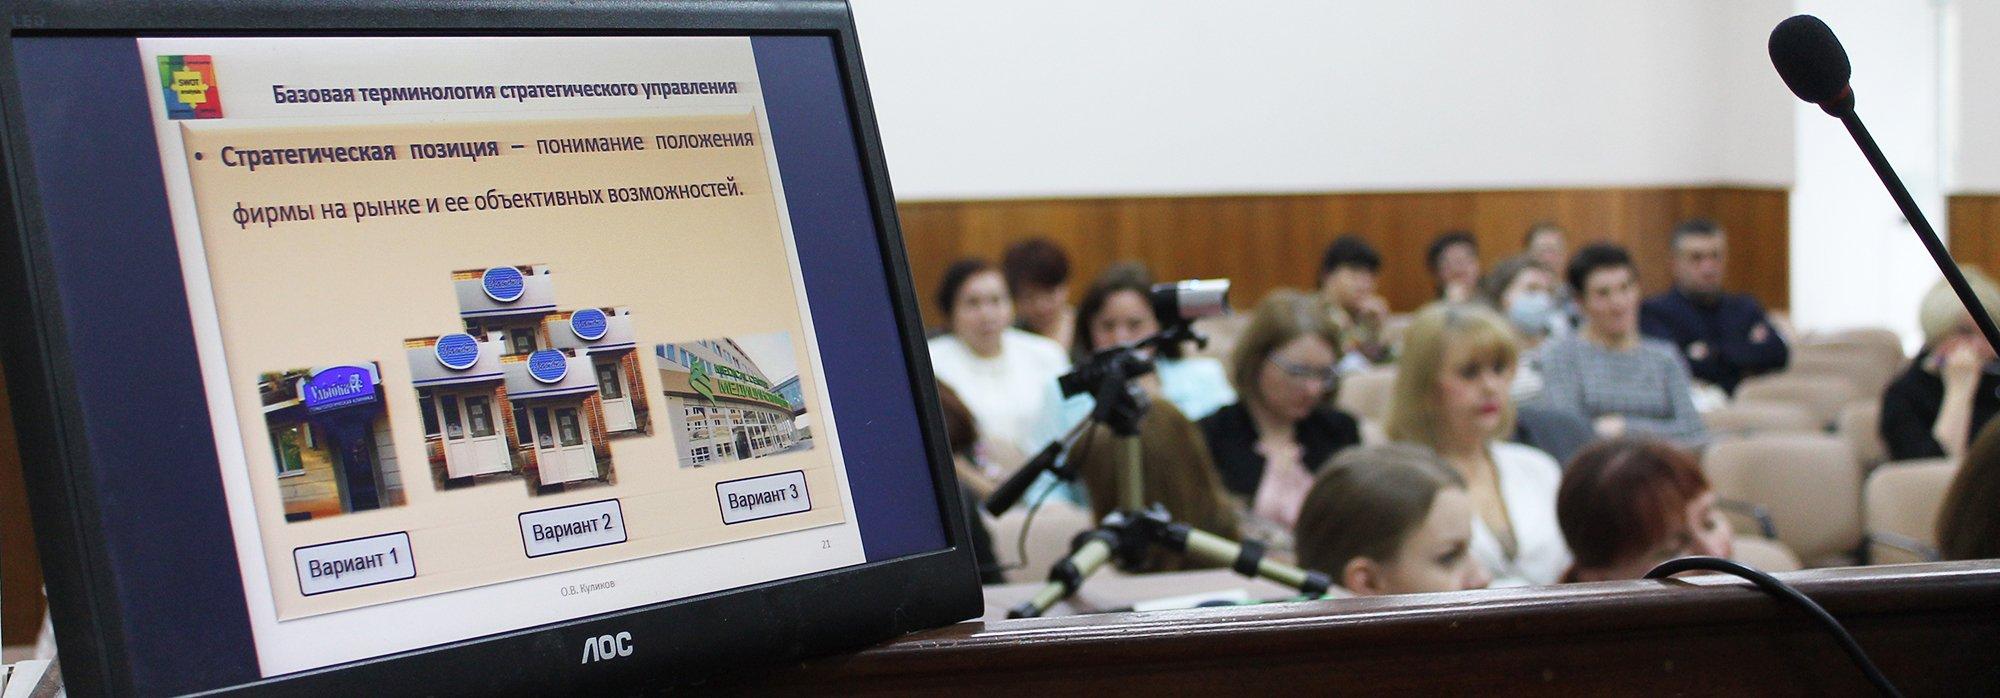 Ставропольских врачей обучили стратегическому менеджменту